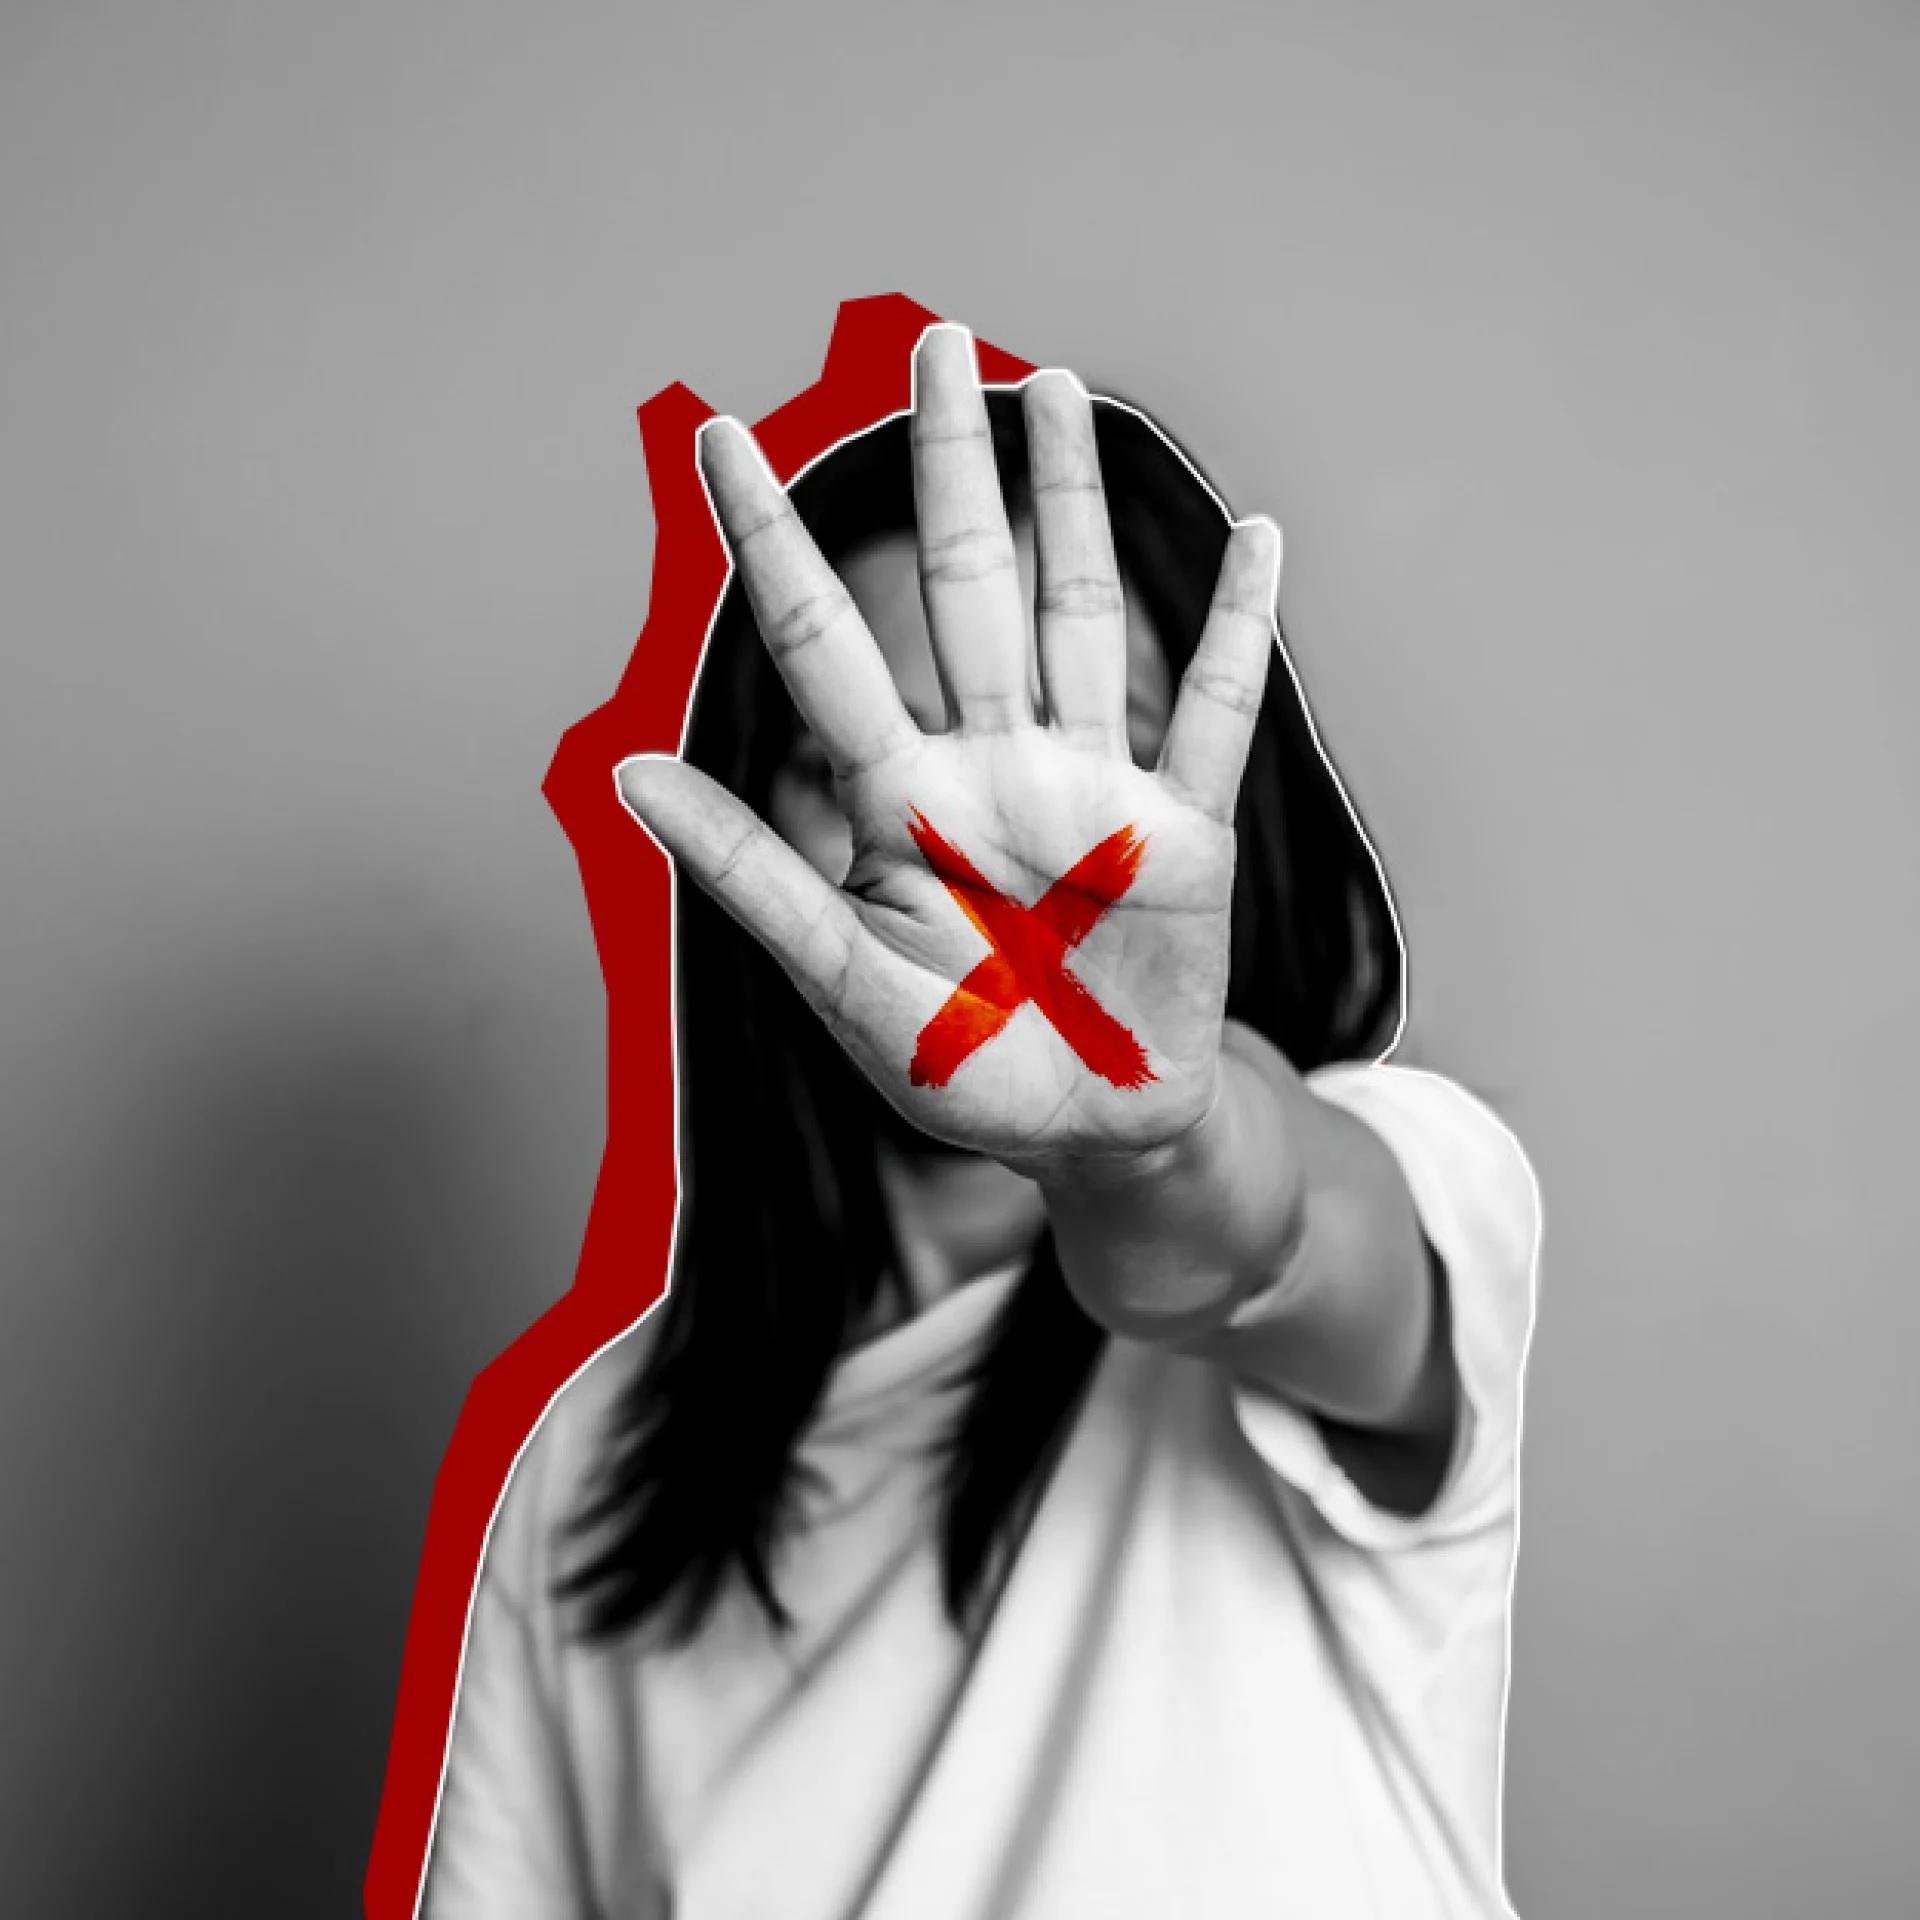 Combate à violência contra mulheres será prioridade na LDO 2022